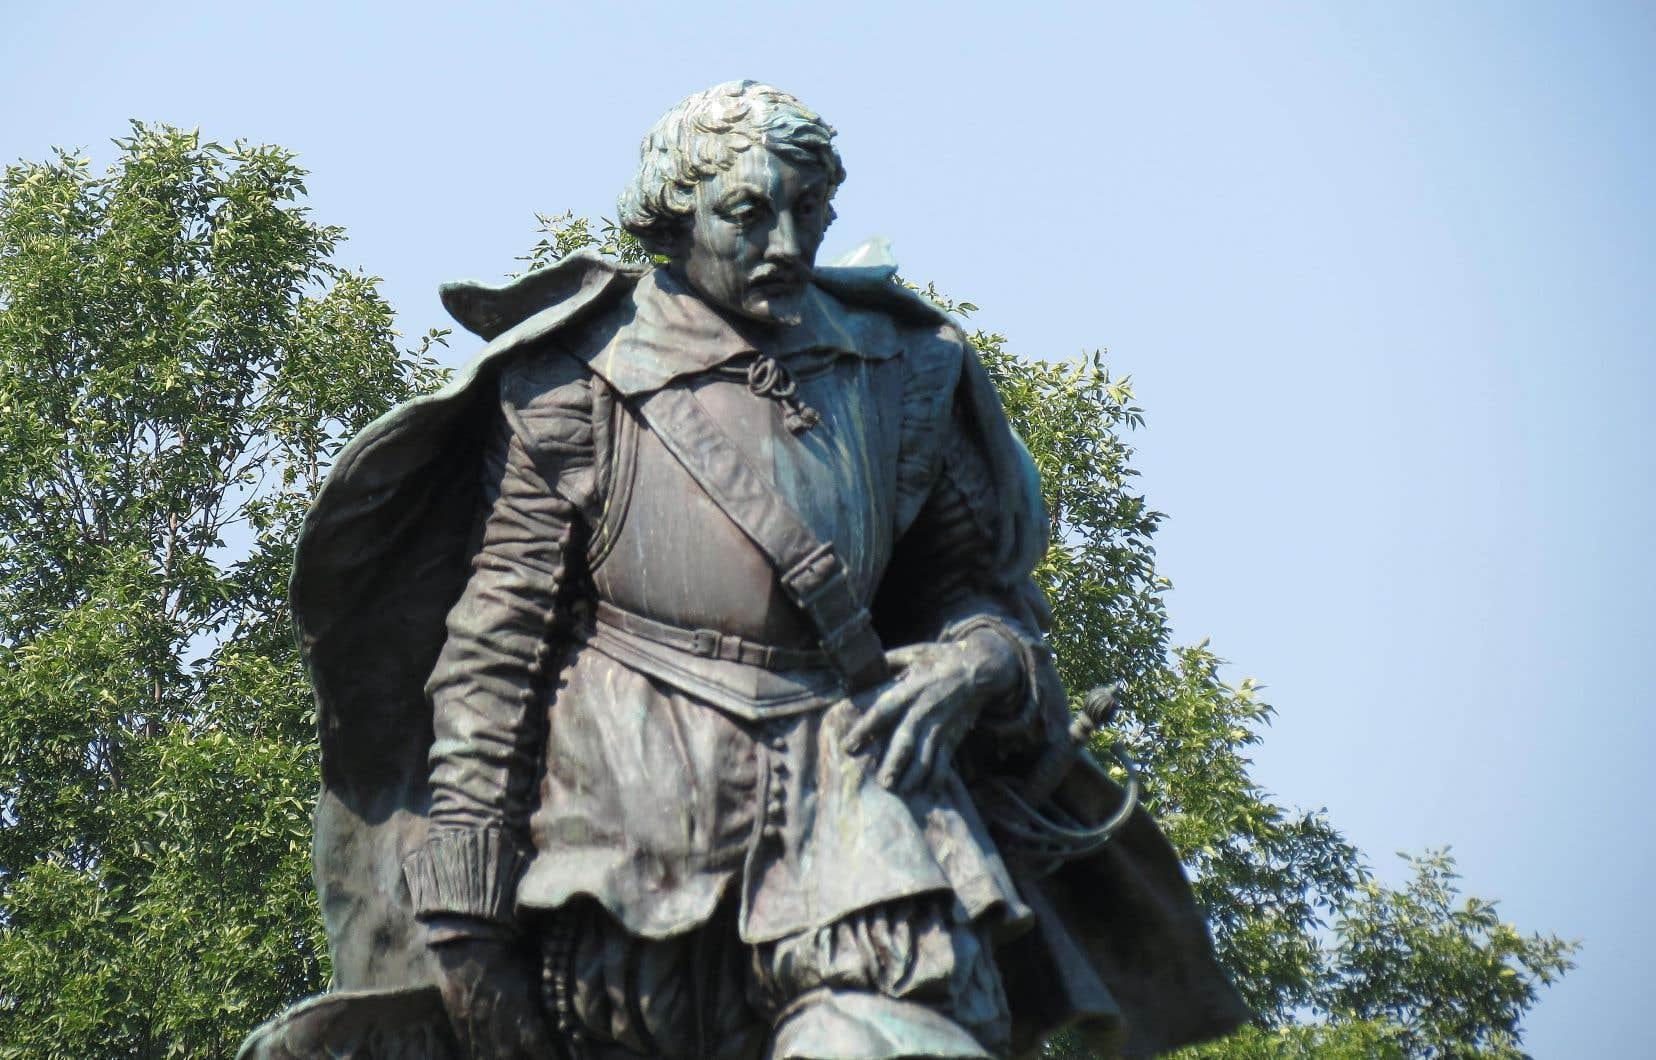 Le monument original en bronze, représentant Samuel de Champlain, installé depuis 1925 dans un parc d'Orillia, au nord-est de Toronto.